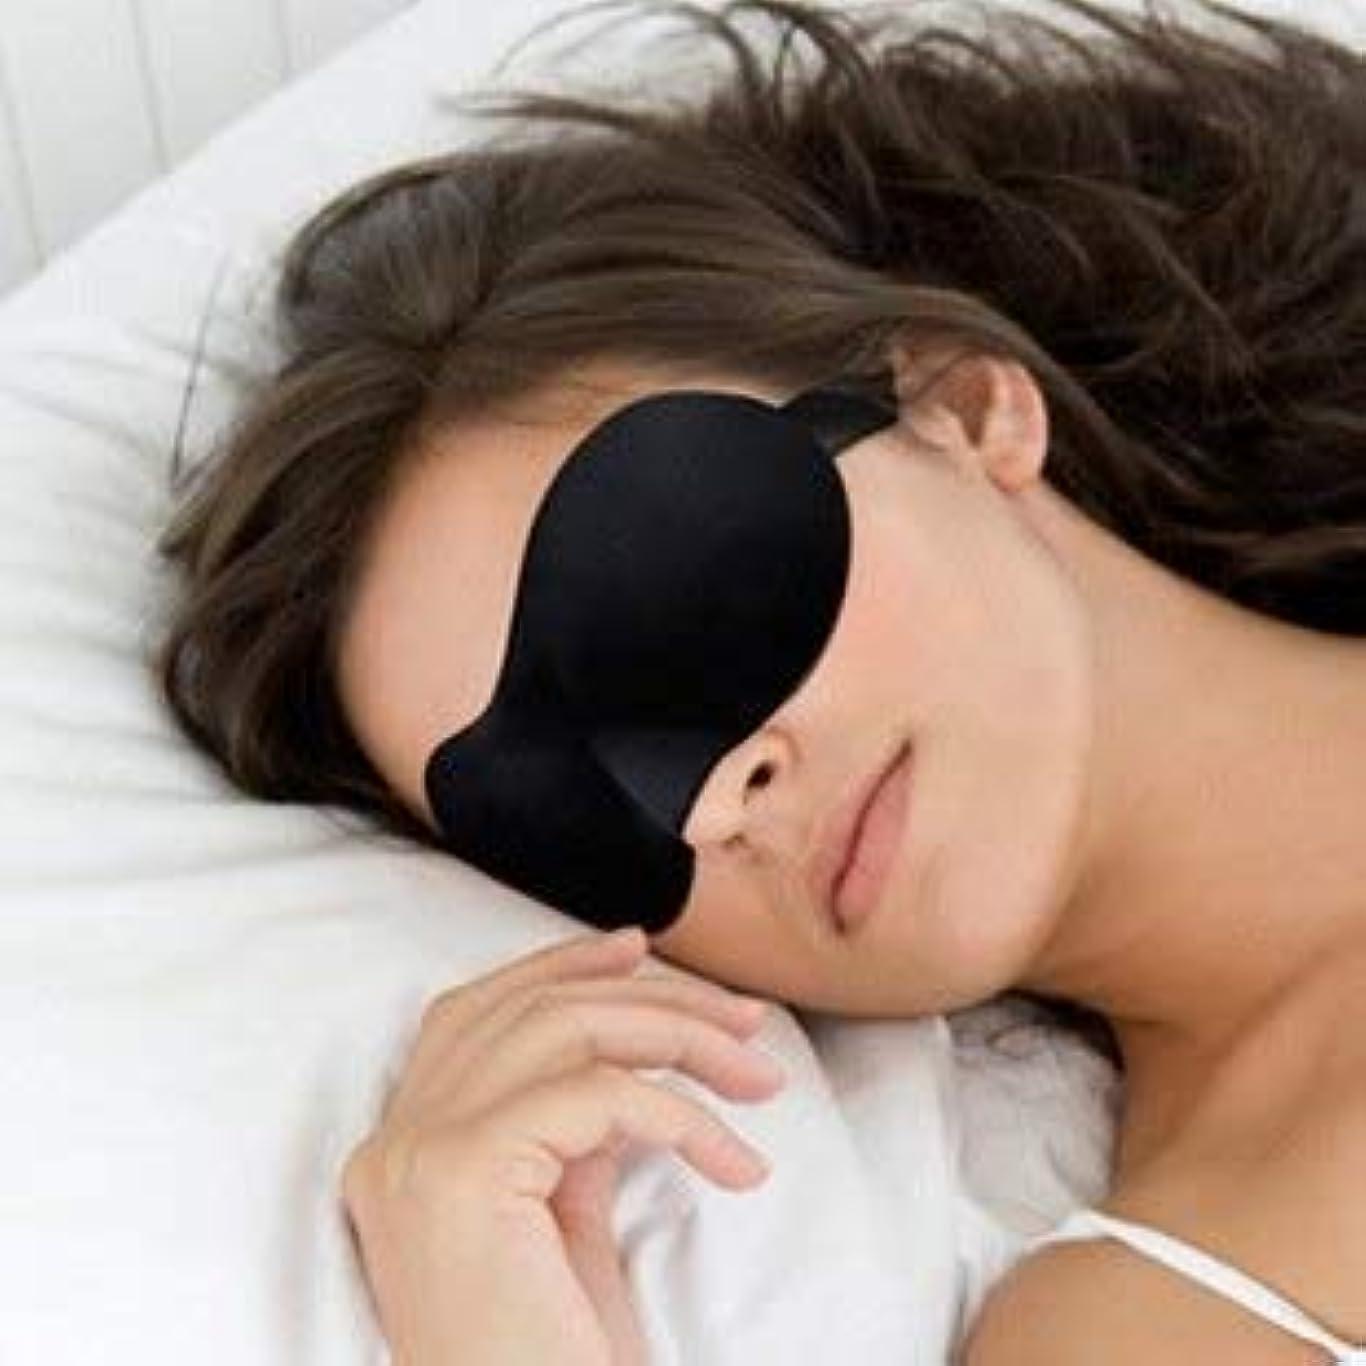 サービス時計回りクラフト注5ピーストラベルレスト3dポータブルソフトトラベルスリープレストアイマスクアイパッチ睡眠マスク健康目隠しアイシェード昼寝カバー